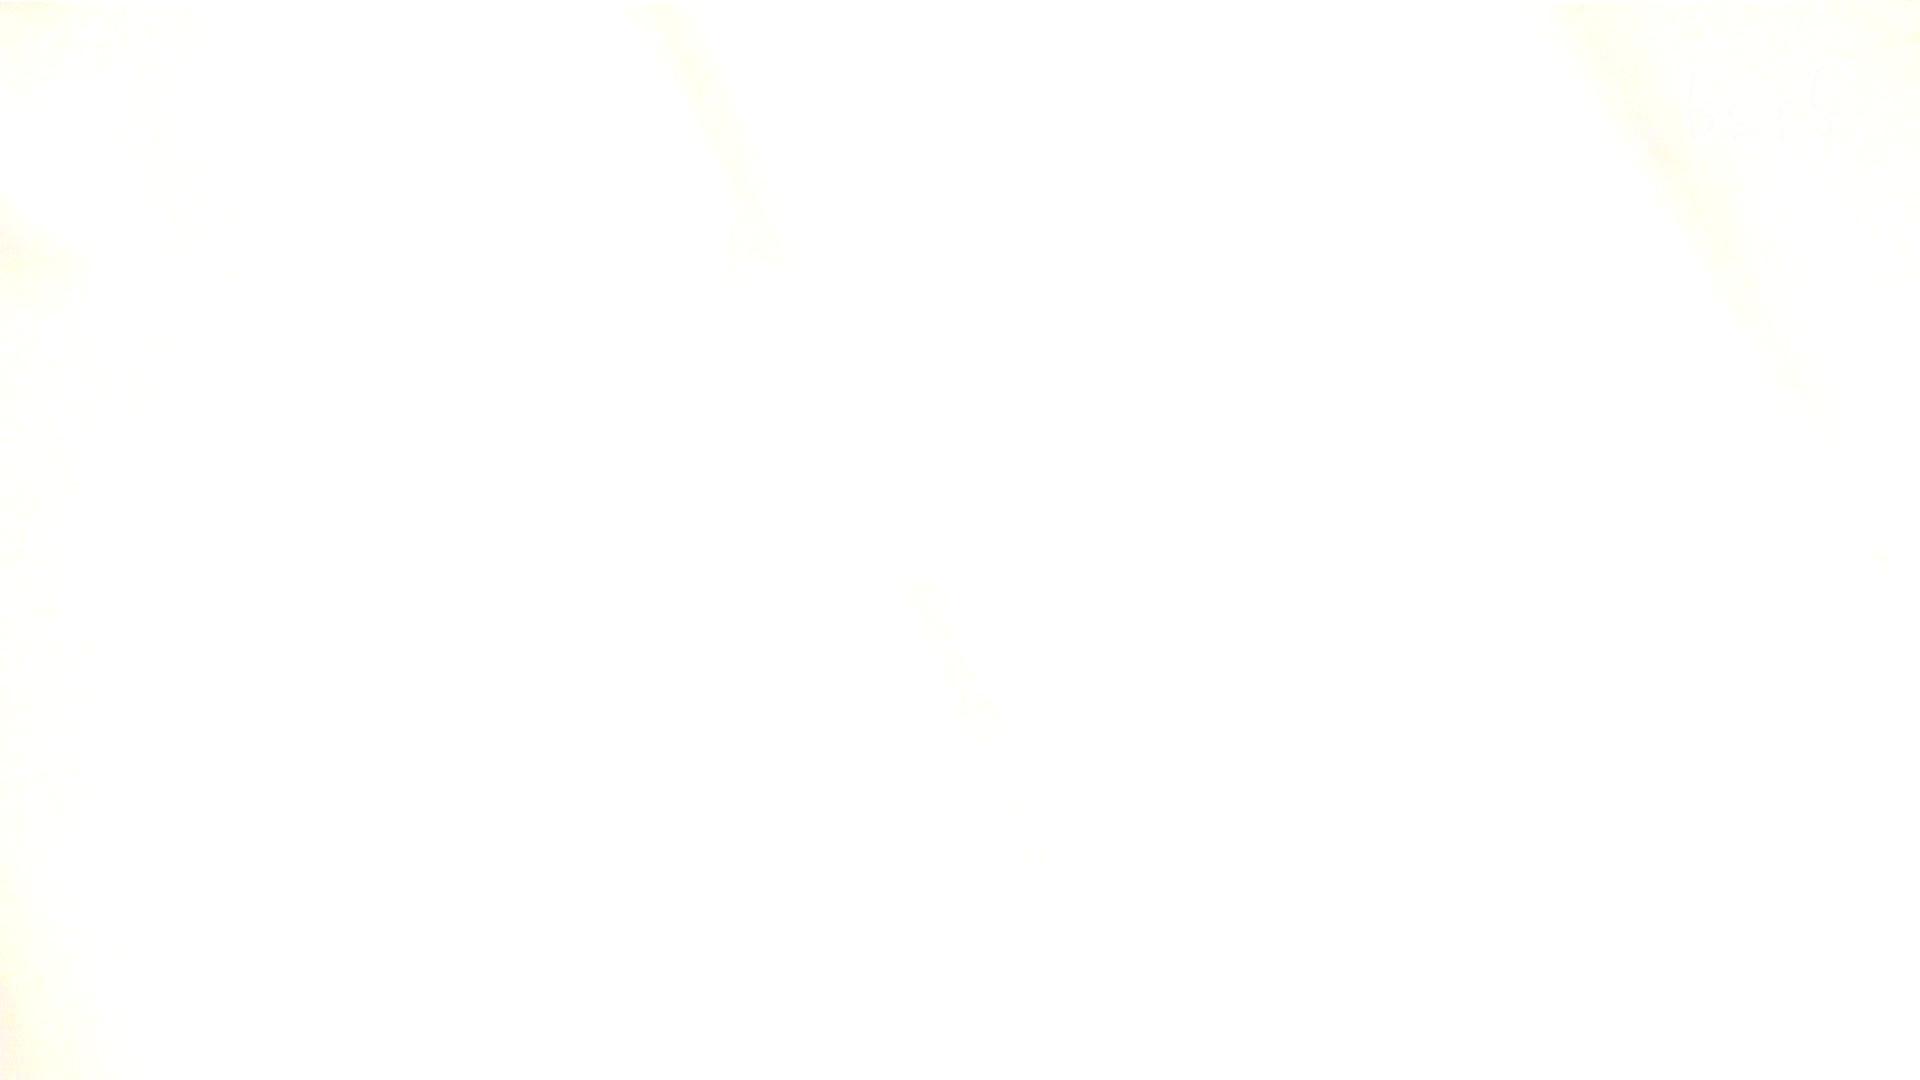 ナースのお小水 vol.005 ナース | OL女体  83連発 31